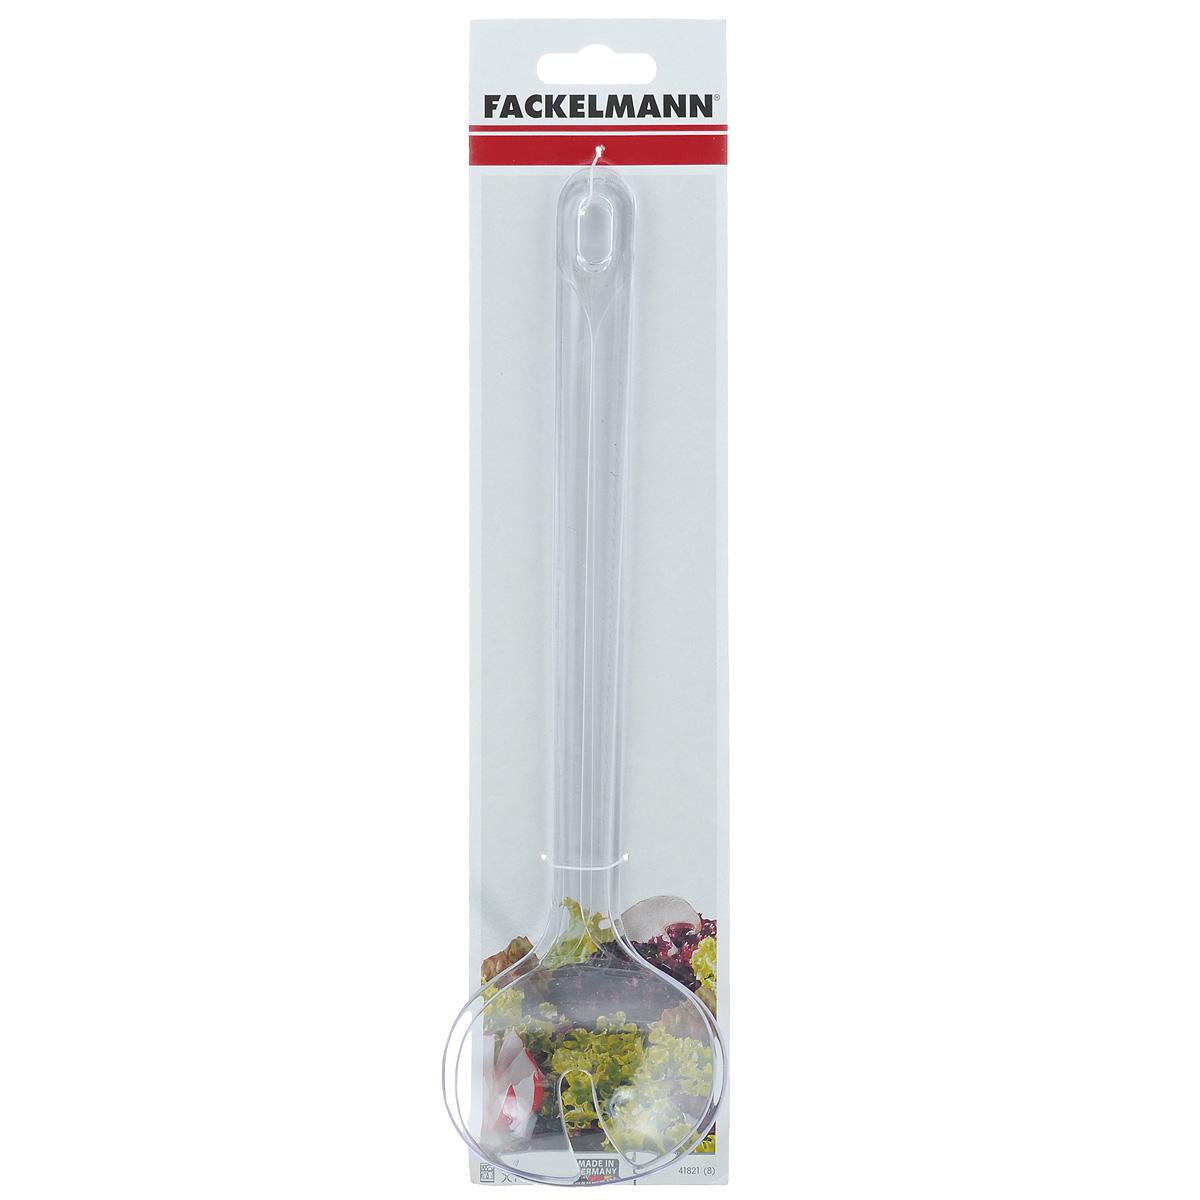 """Ложки """"Fackelmann"""" выполнены из прозрачного пластика и предназначены для перемешивания, сервировки и  порциона салата. На конце ручек имеются небольшие отверстия, за которые ложки можно подвесить в любом  удобном для вас месте.  Практичные и удобные ложки """"Fackelmann"""" займут достойное место среди аксессуаров на вашей кухне. Можно мыть в посудомоечной машине.  Длина ложки: 29,5 см. Размер рабочей поверхности: 8 см х 6 см."""